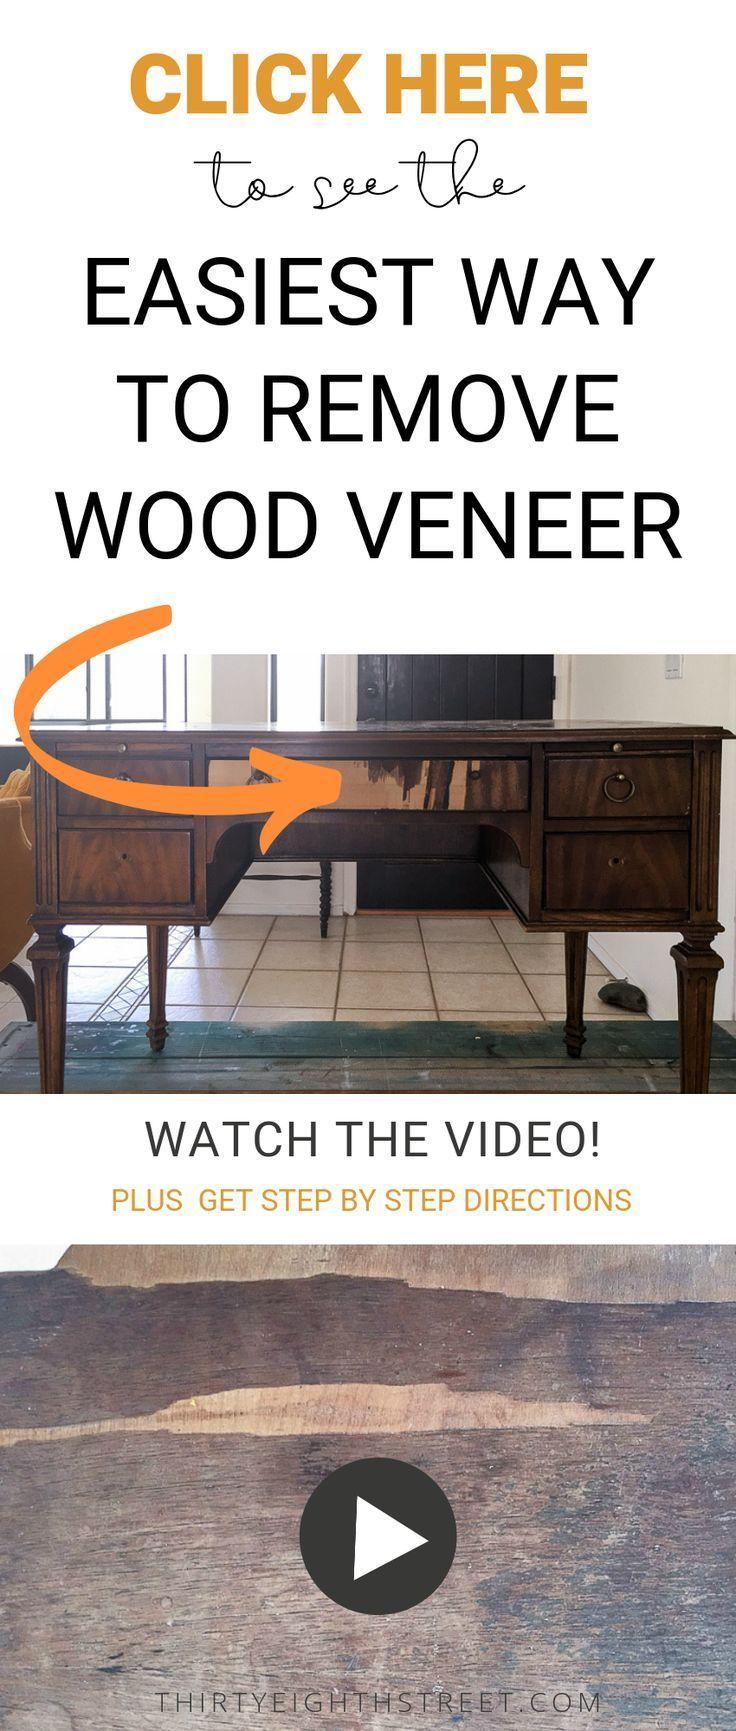 So Entfernen Sie Holzfurnier Schnell Mit Einer Heissluftpistole Furniermobel Klicken Sie Furniture Makeover Pallet Patio Furniture Veneer Furniture Makeover